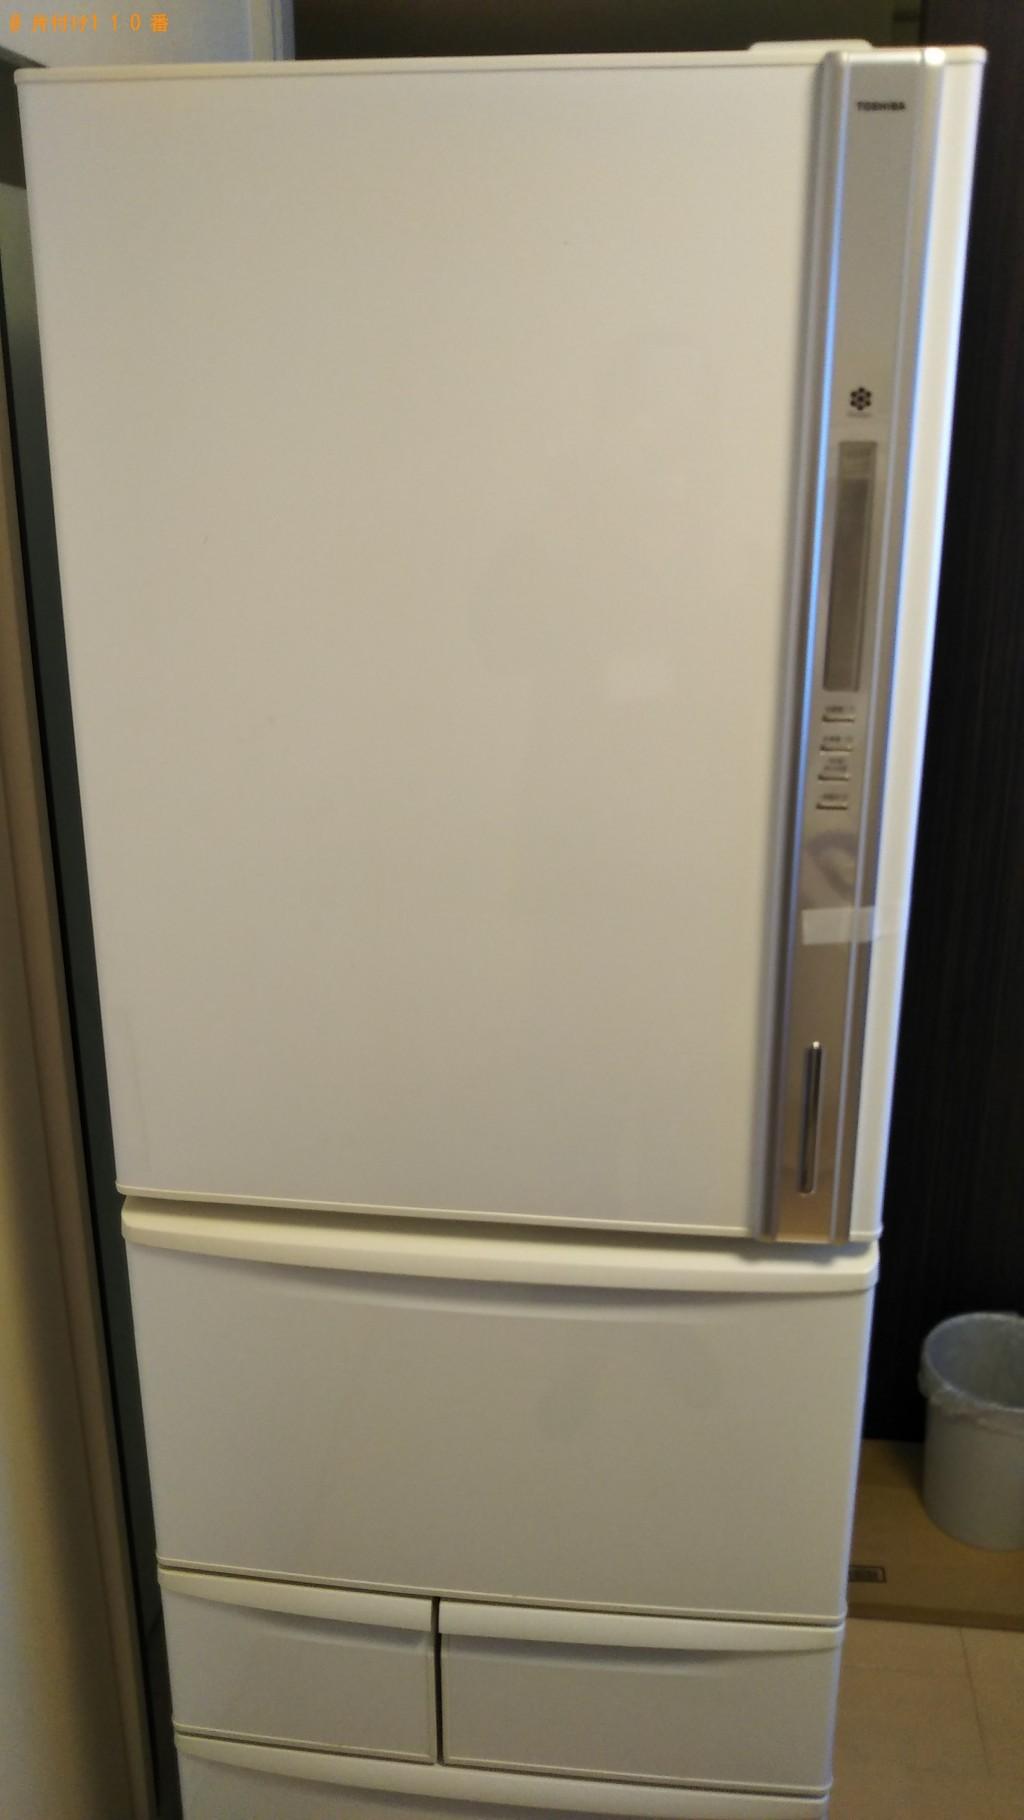 【仙北市】冷蔵庫の回収・処分ご依頼 お客様の声